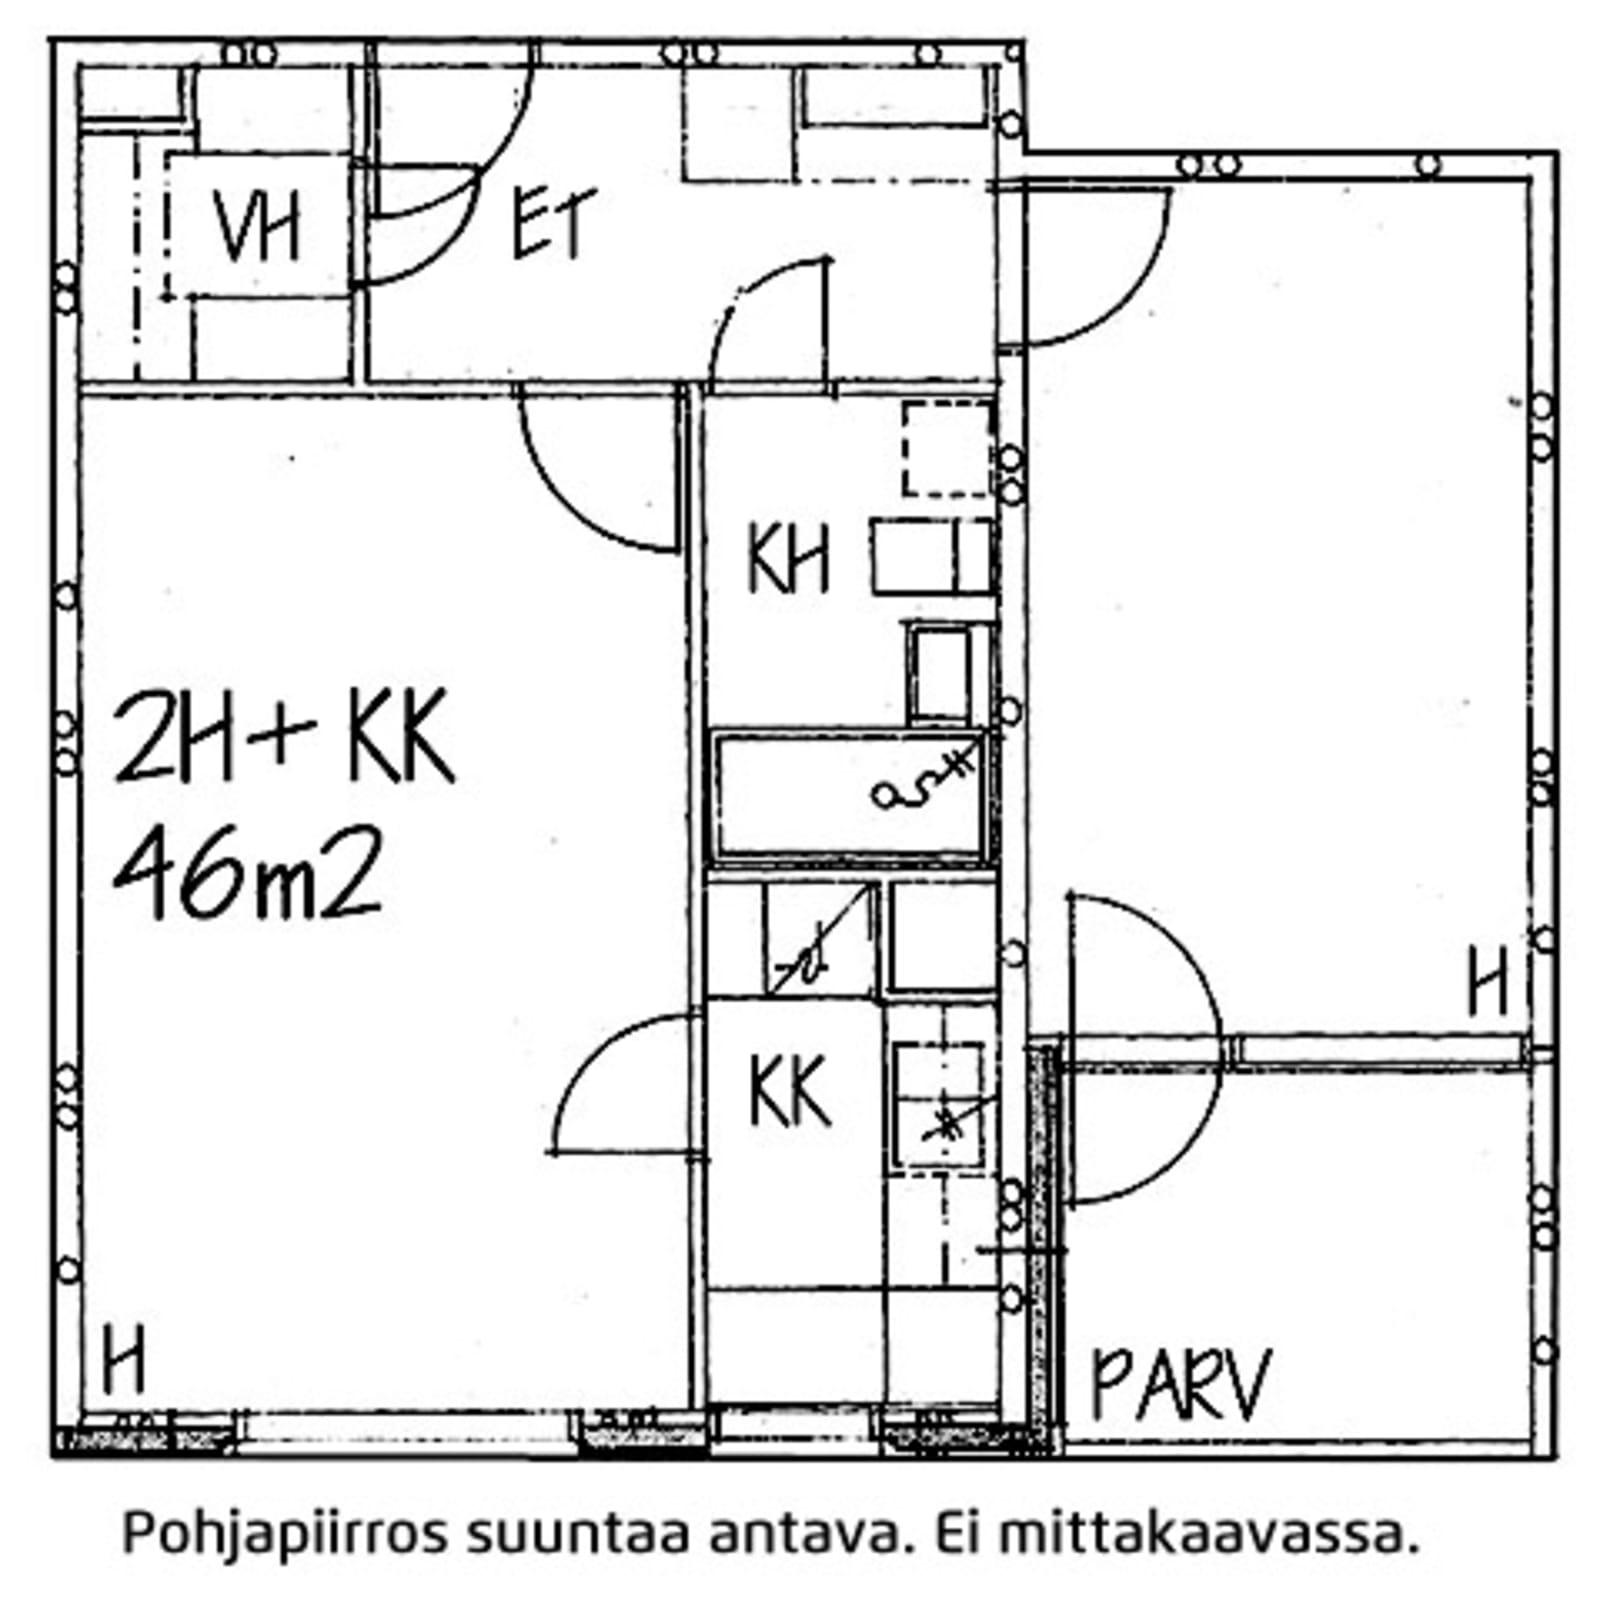 Helsinki, Lauttasaari, Lauttasaarentie 19 A 007